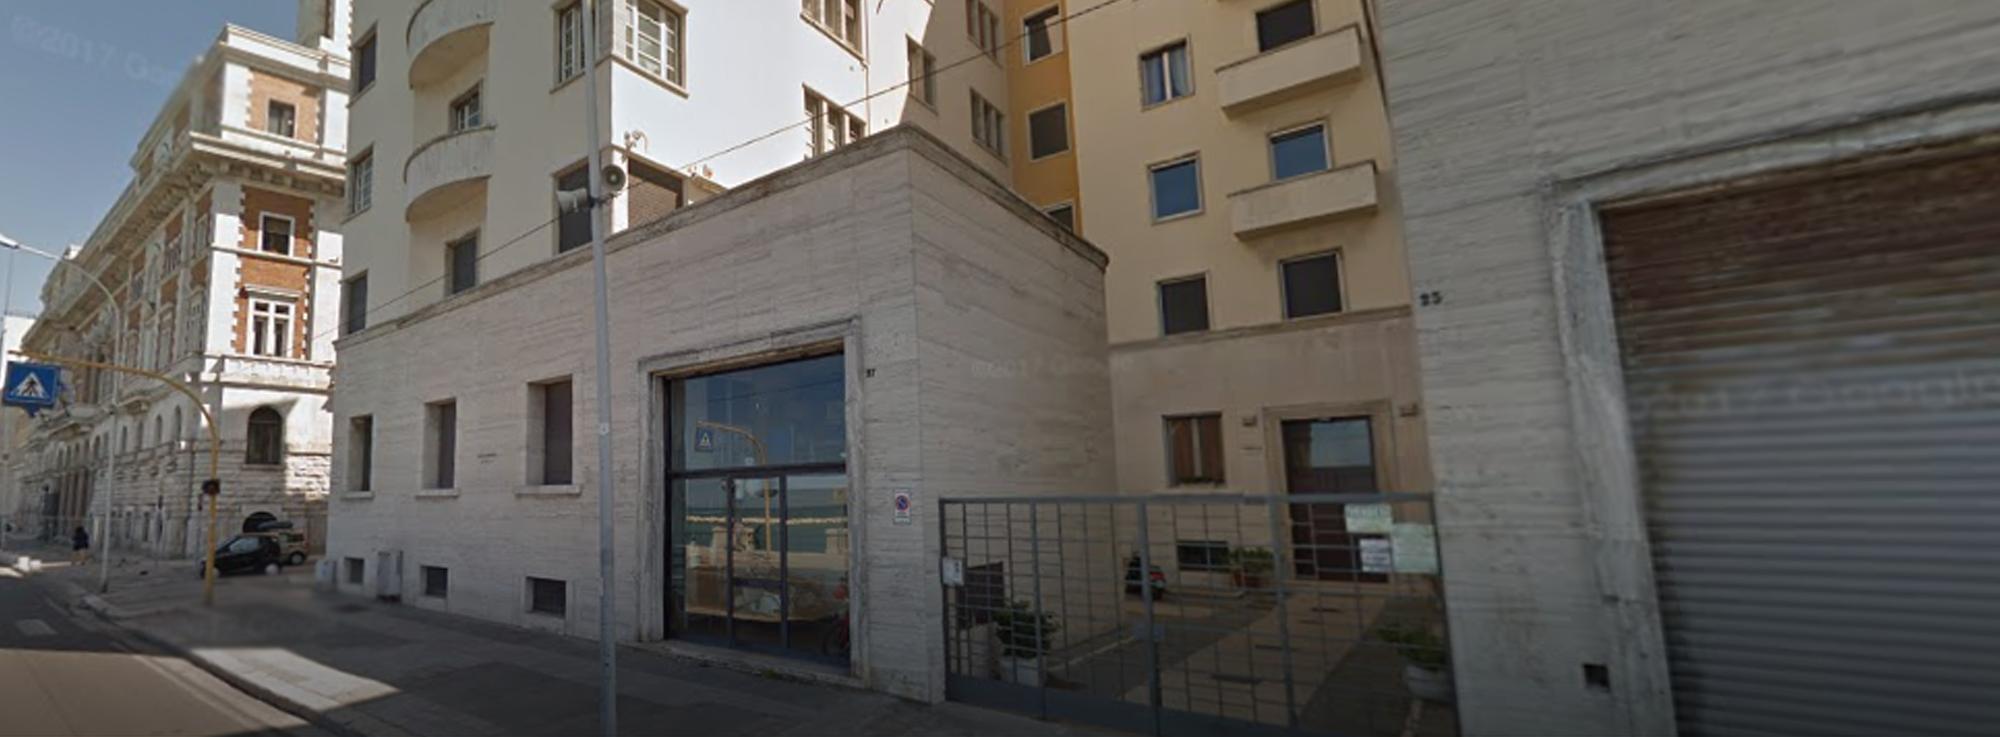 Bari: Mimmo Paladino, Mathematica